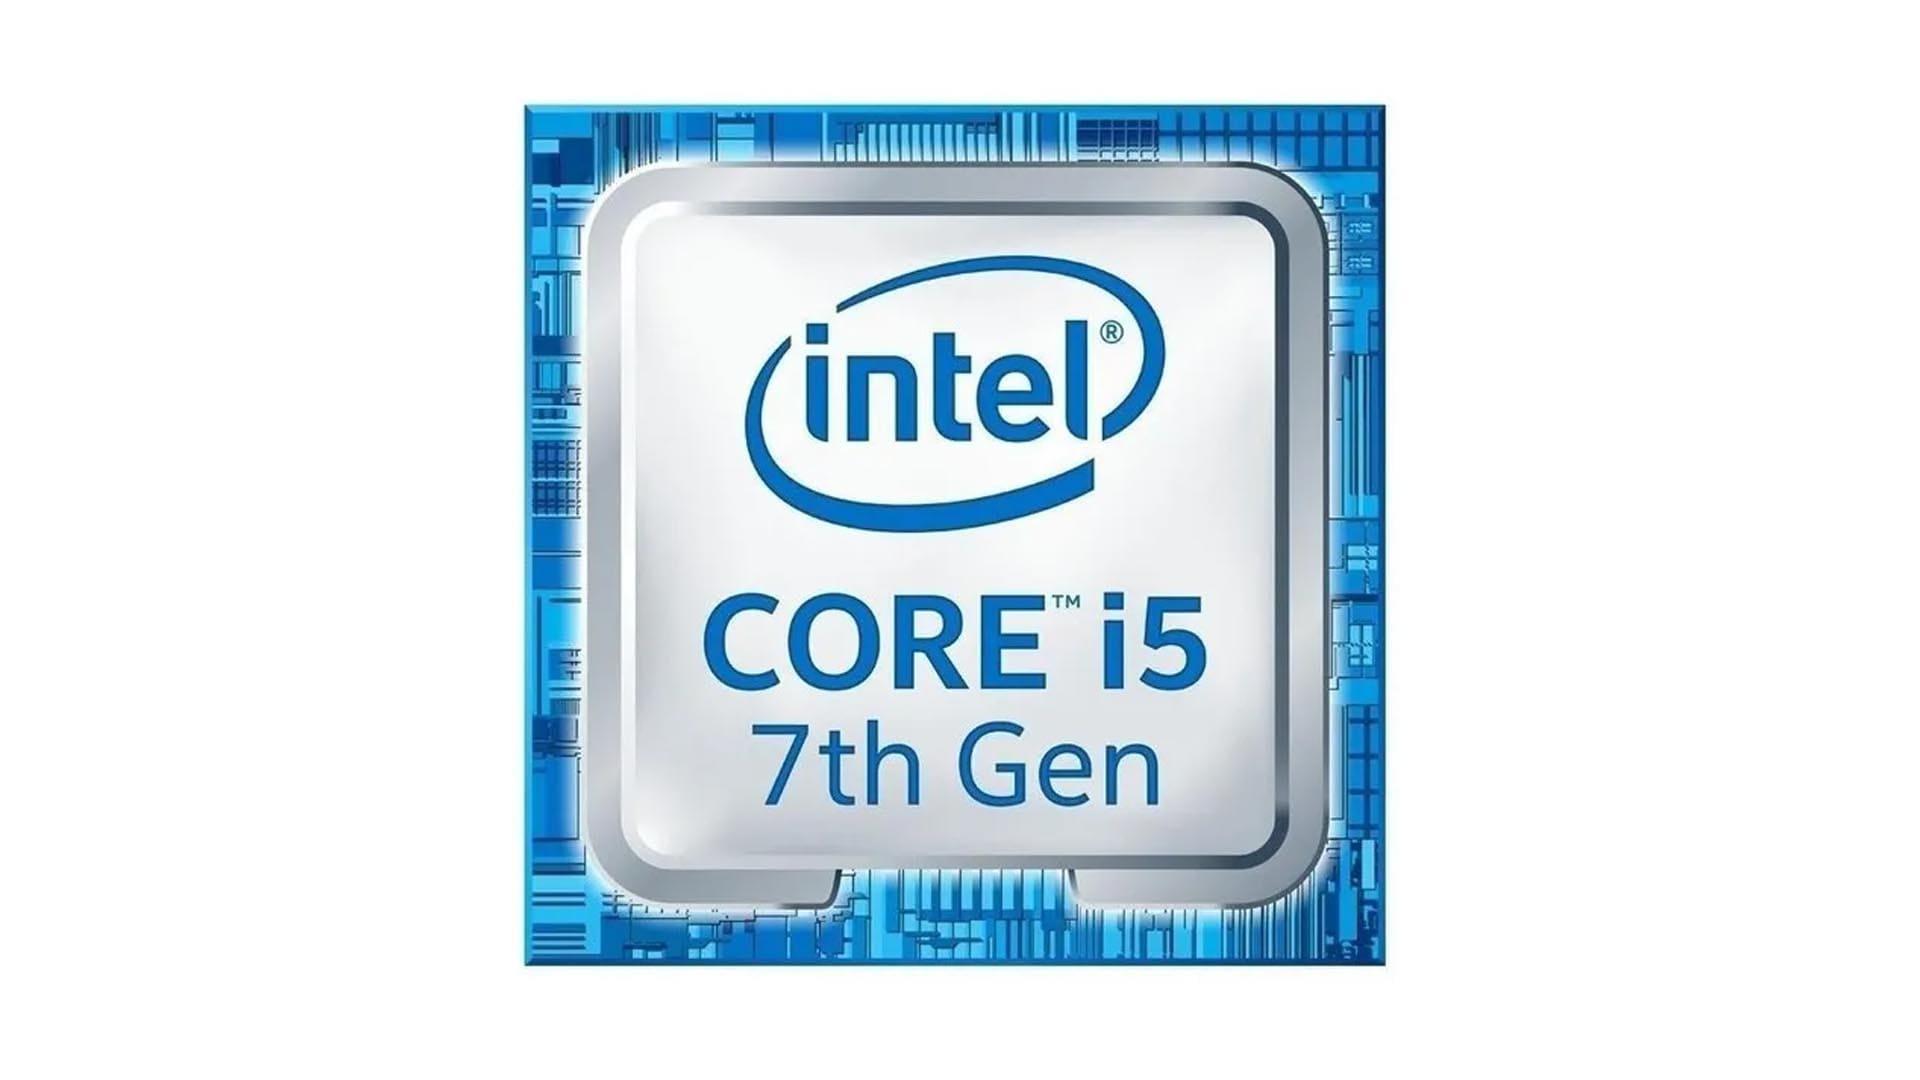 Adesivo azul do processador Intel Core i5 de sétima geração